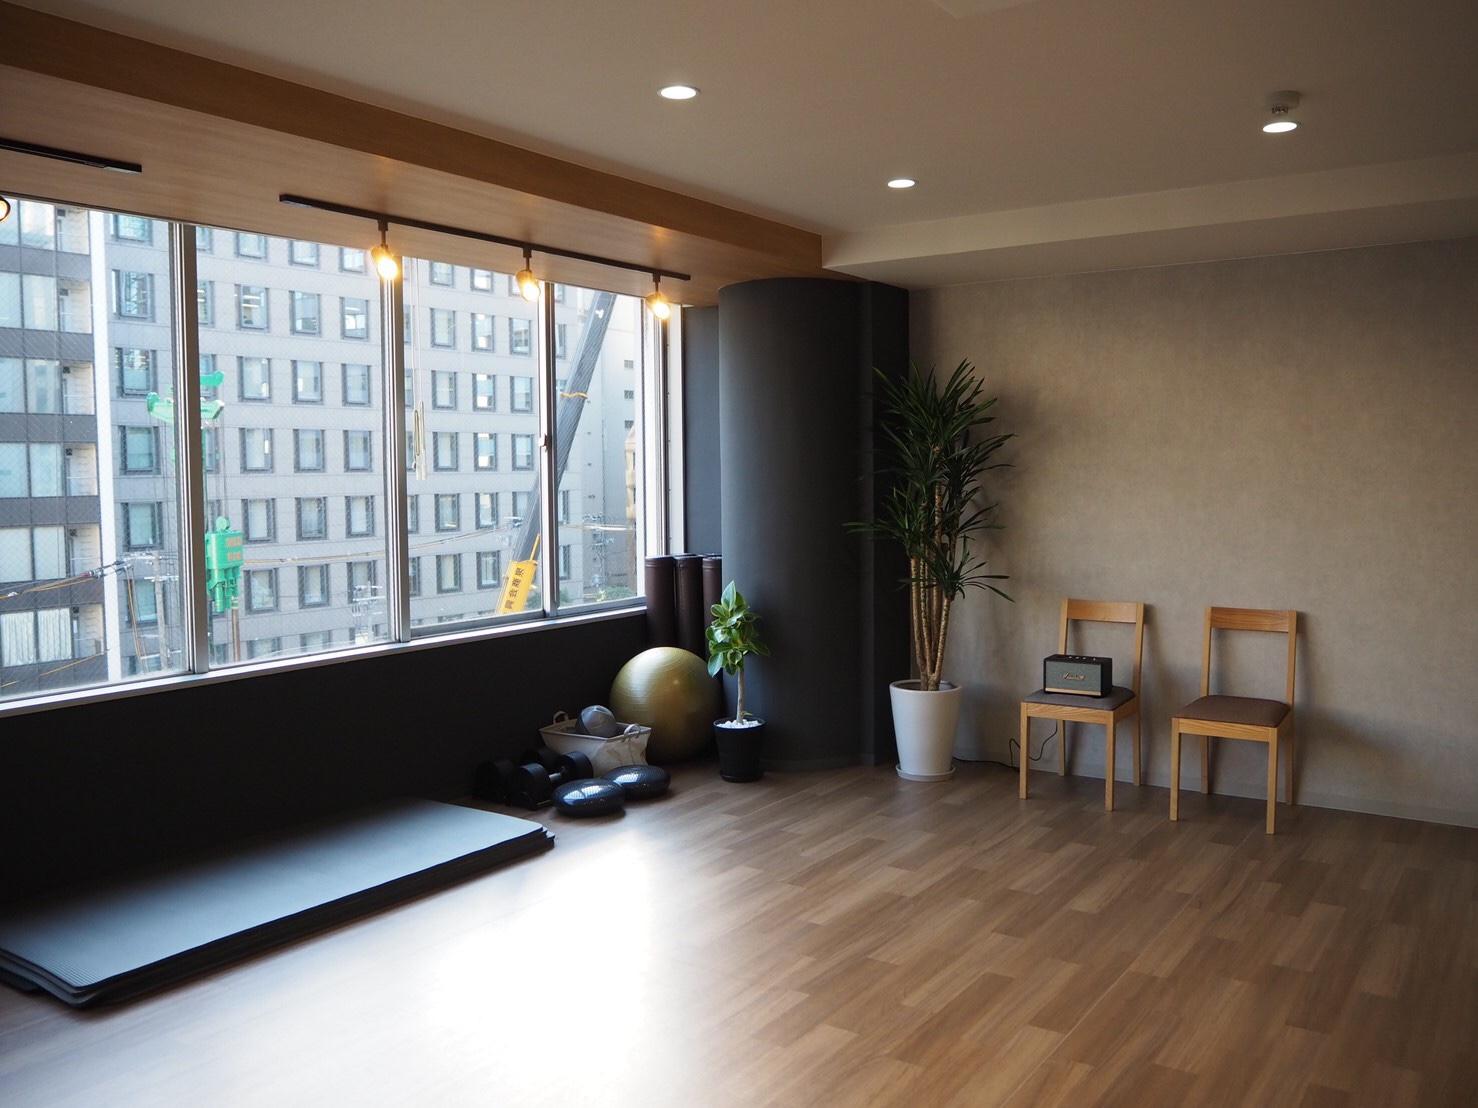 窓からもたっぷり日が入るので、明るい雰囲気です。 - トレーニングスタジオクラウン レンタルスタジオの室内の写真